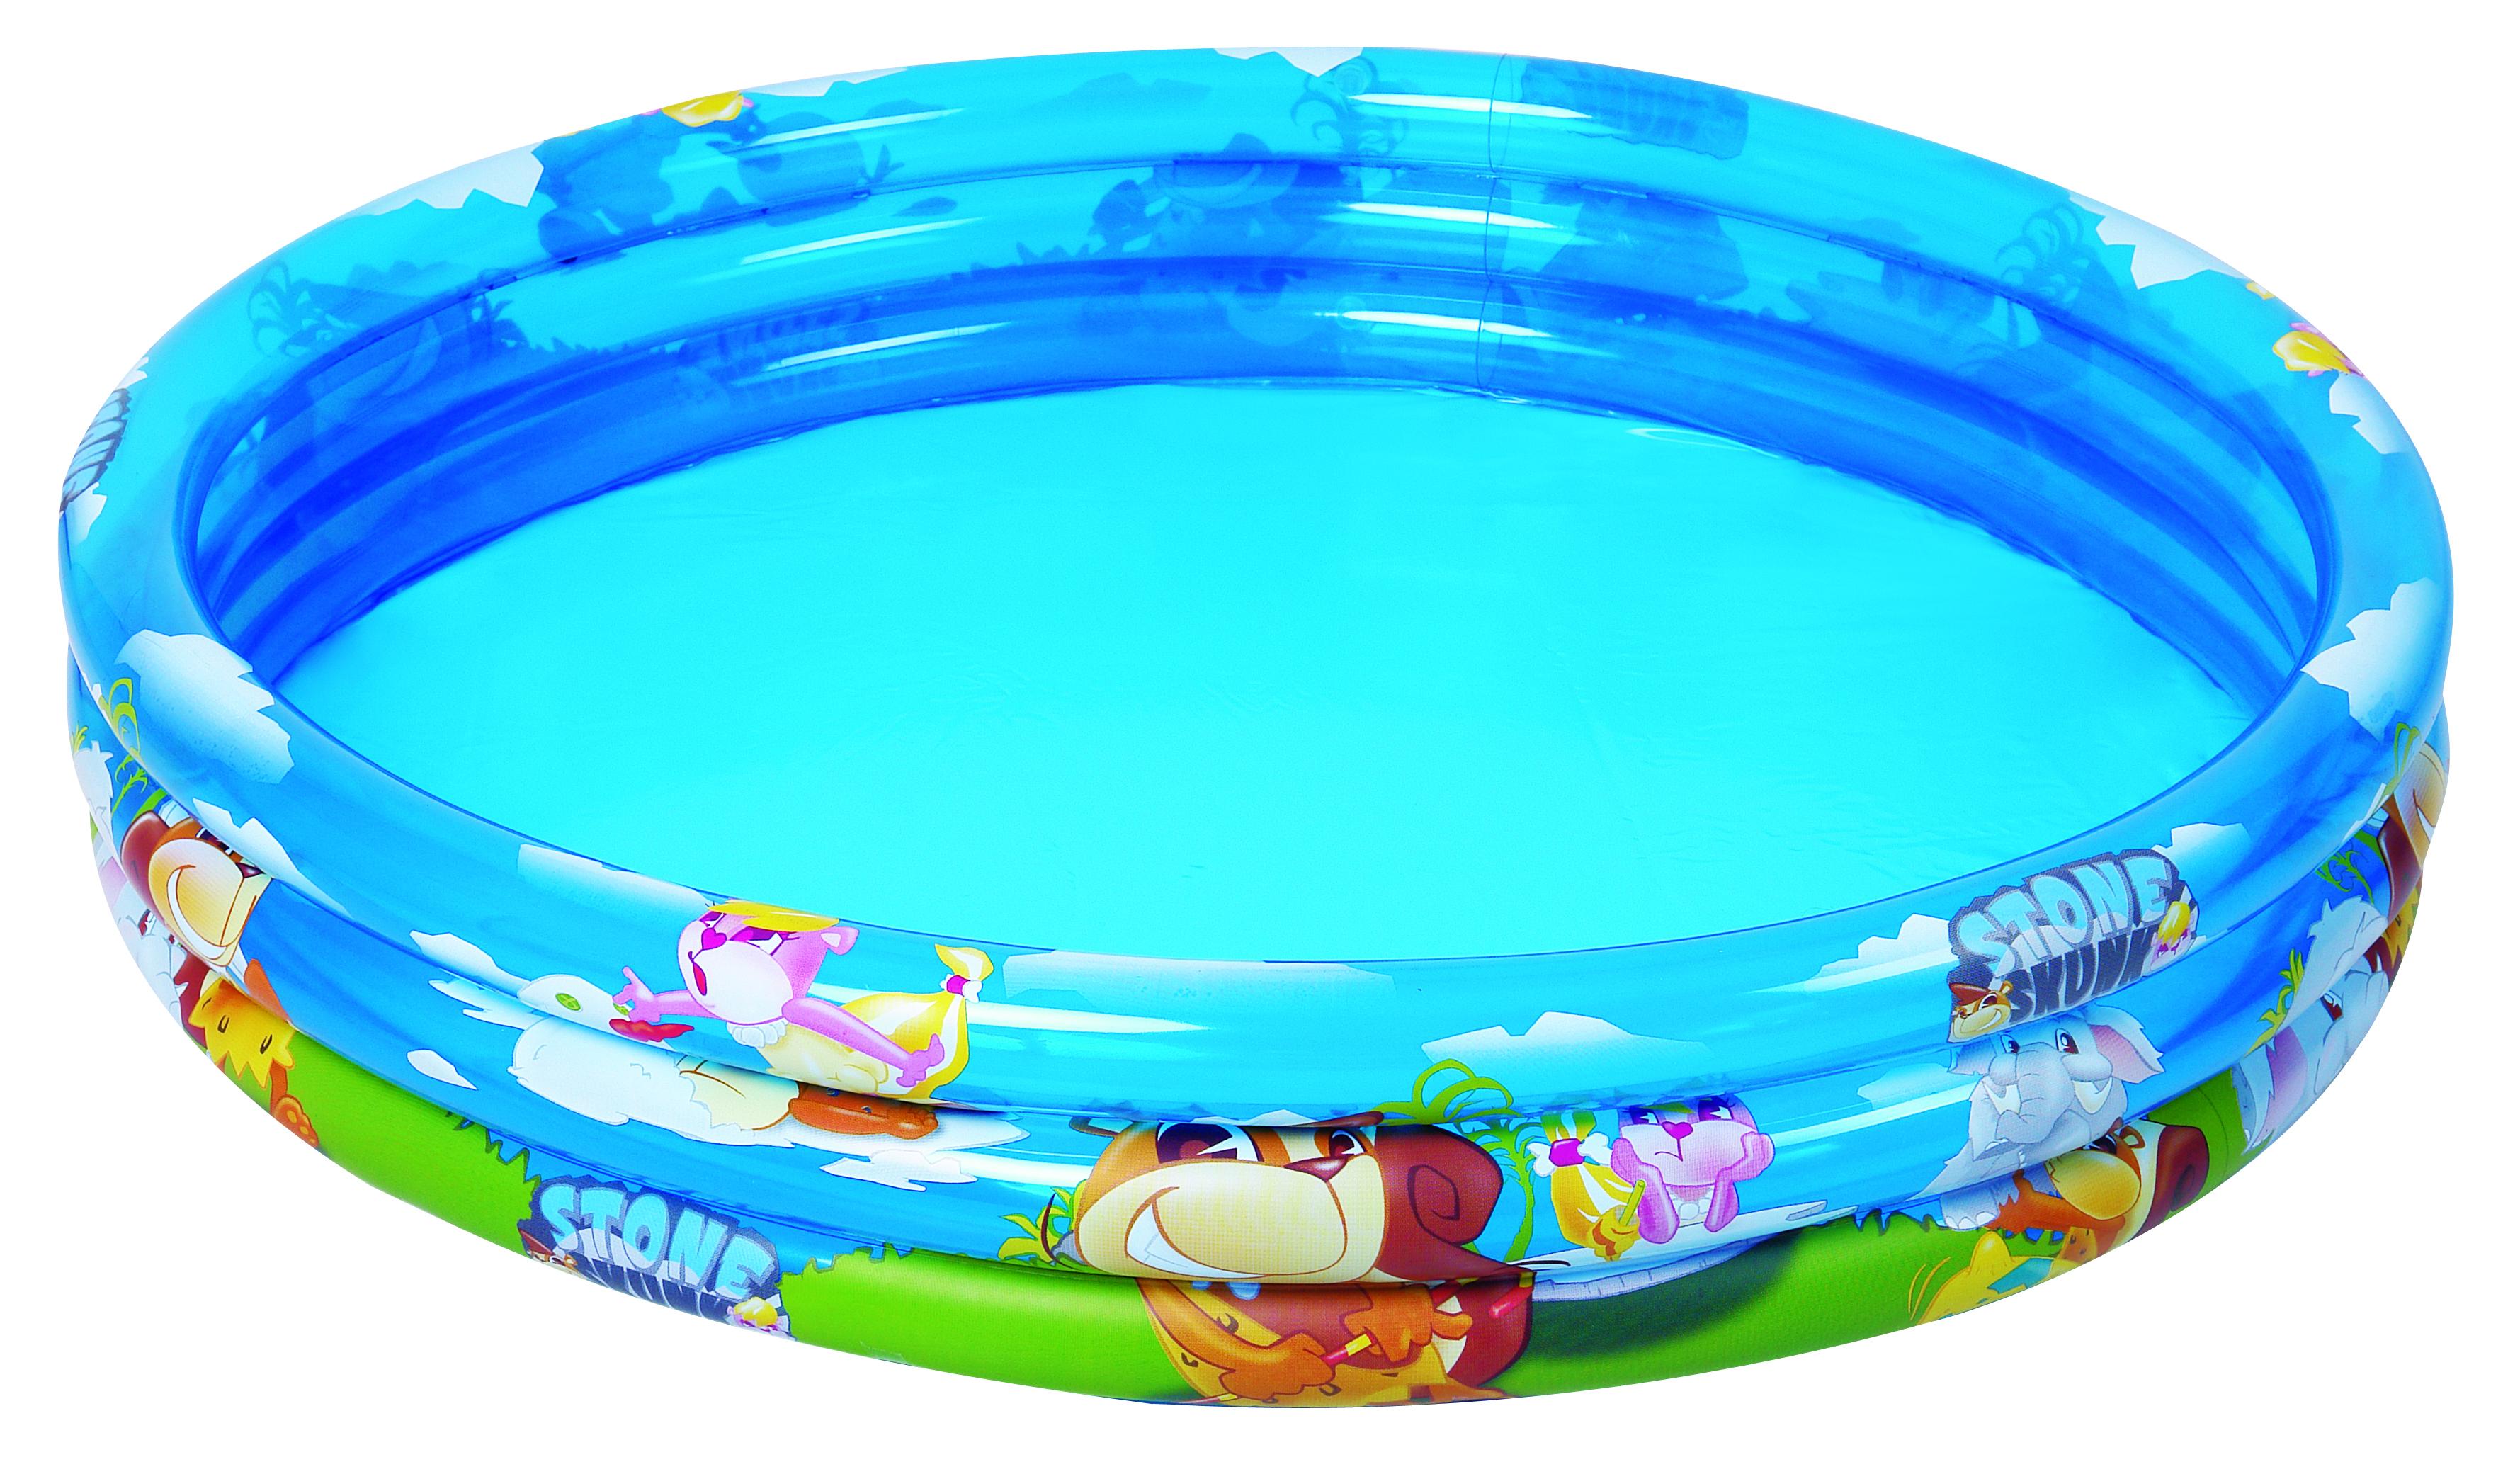 Бассейн надувной Jilong Aquarium, 152 x 50 см, от 6 летJL017026NPFБассейн надувной Jilong Aquarium подходит для детей от 6 лет. Предназначен для использования на даче и природе. Характеристики:- Принт на внешней стороне- Удобная сливная пробка- 3 кольца- Самоклеящаяся заплатка в комплектеКомпания Jilong - это широкий выбор продукции высокого качества и отличный выбор для отдыха на природе.